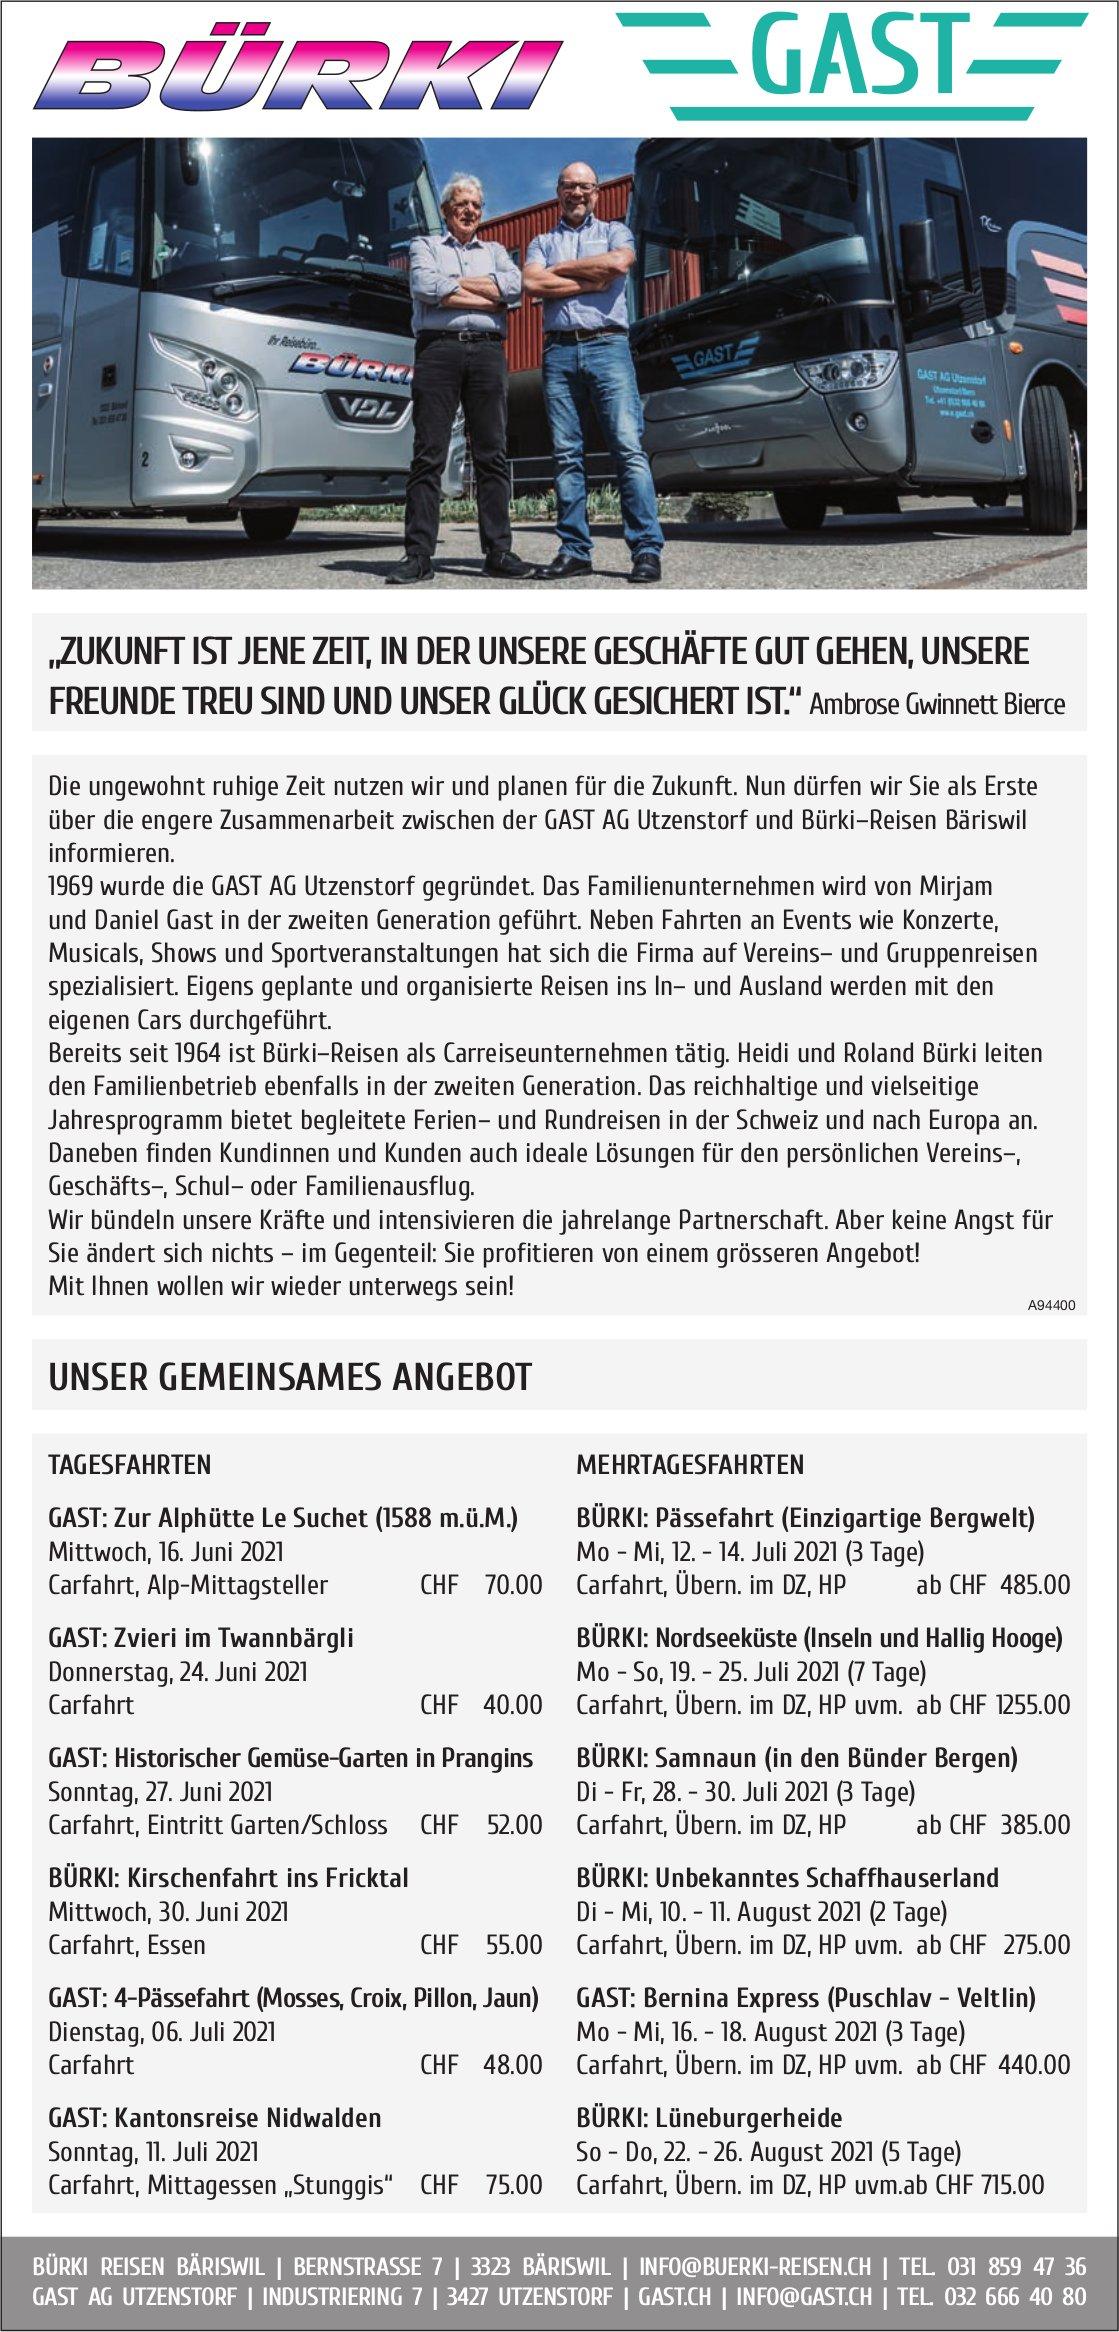 Bürki Reisen Bäriswil + Gast - Unser gemeinsames Angebot